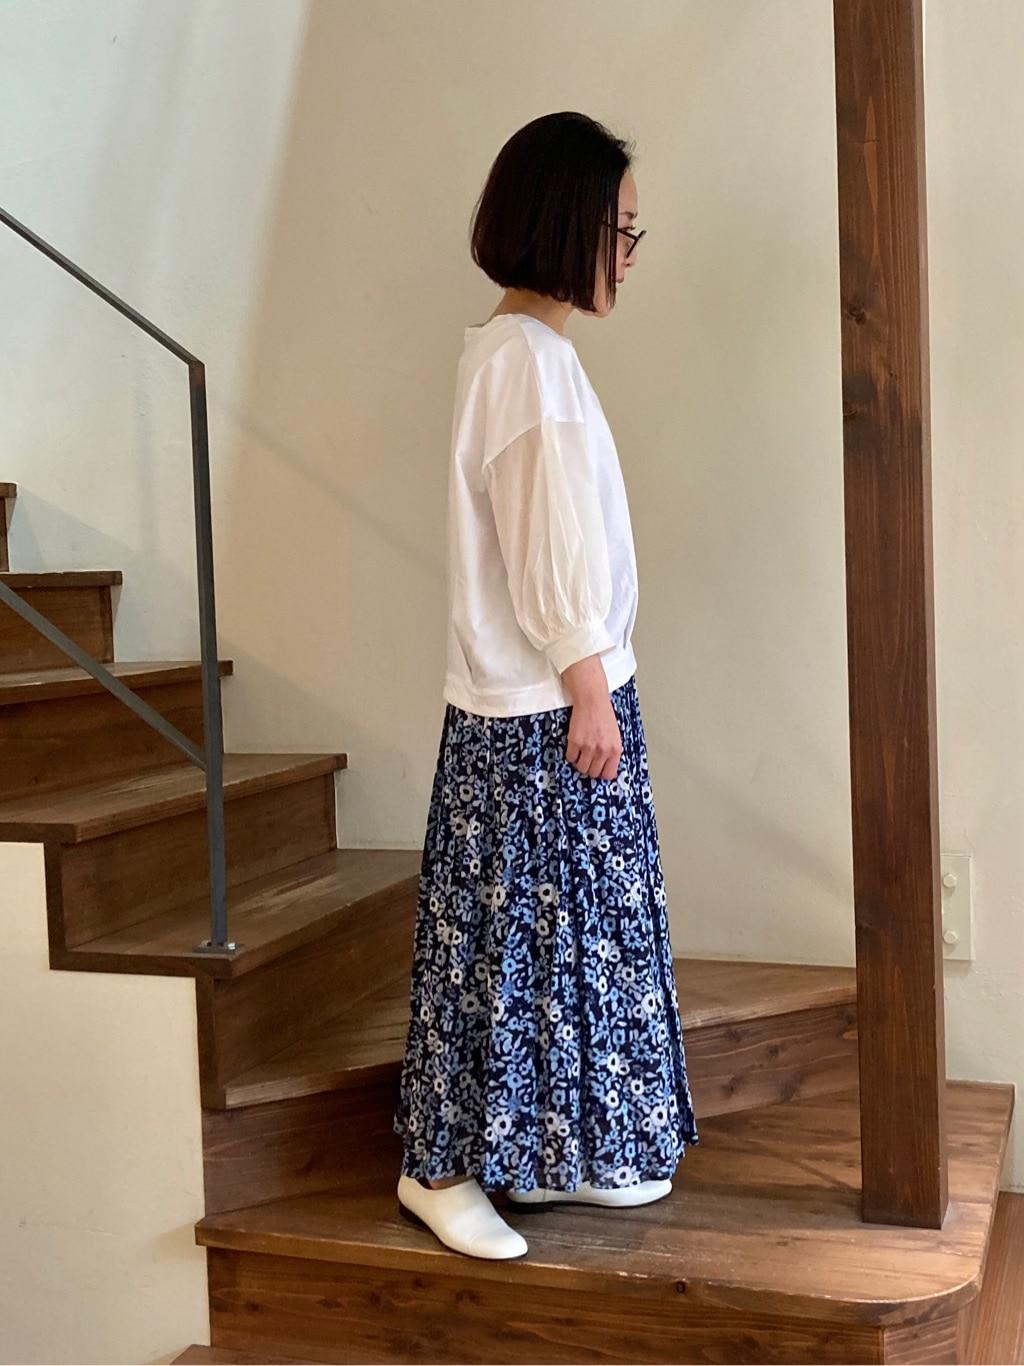 yuni 京都路面 身長:152cm 2021.03.30